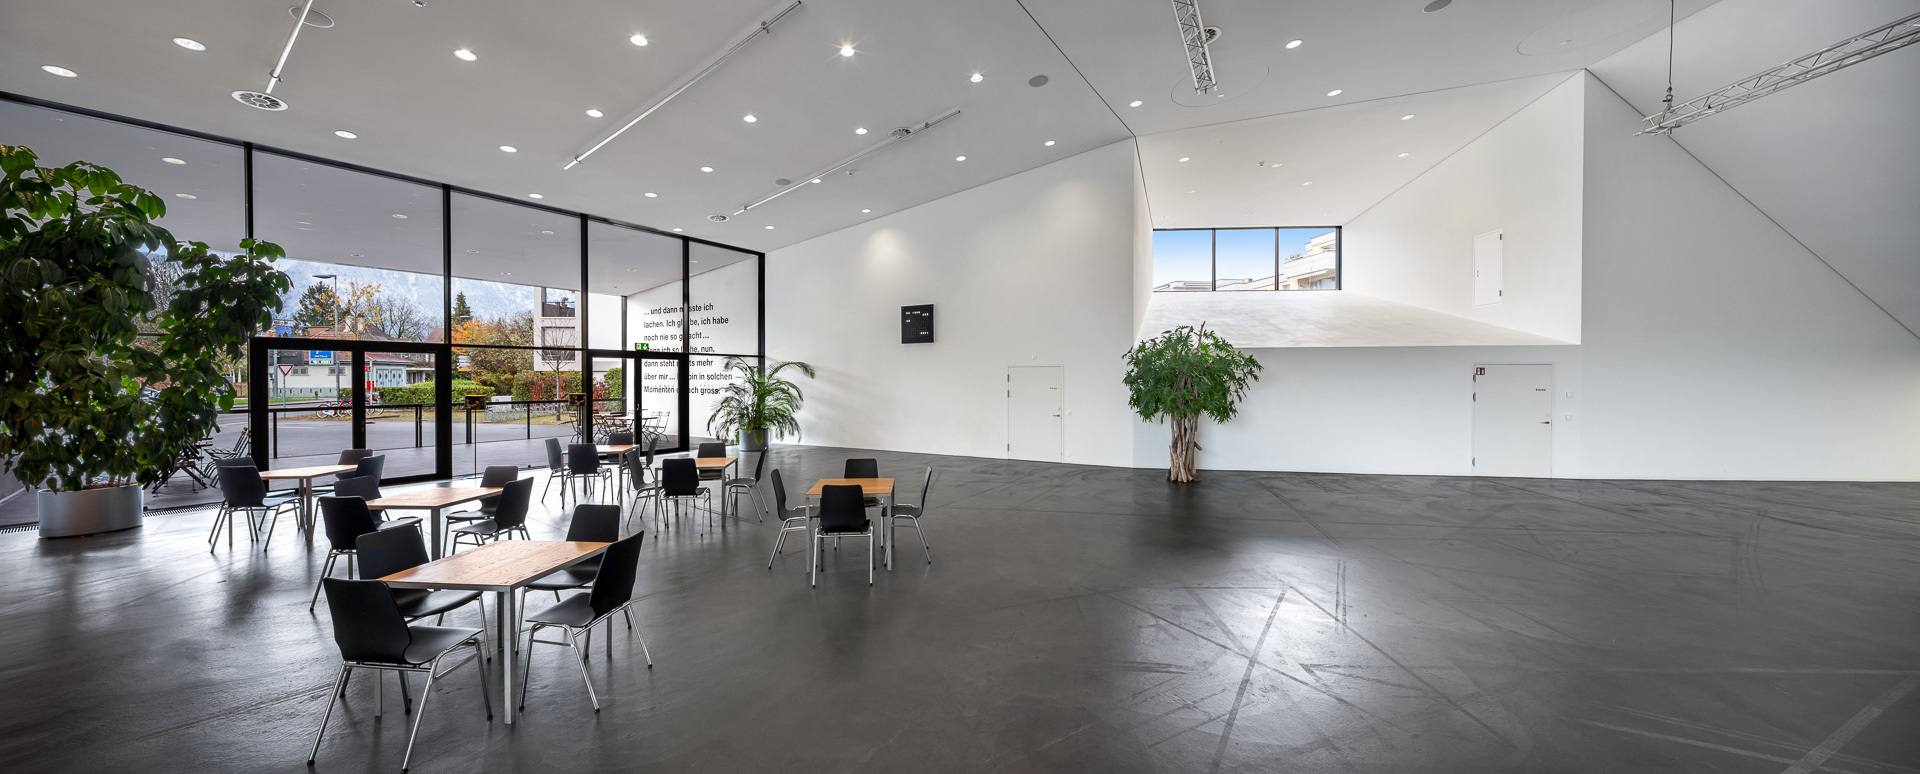 Grosszügige und helle Foyers - Kultur- und Kongresszentrum Thun